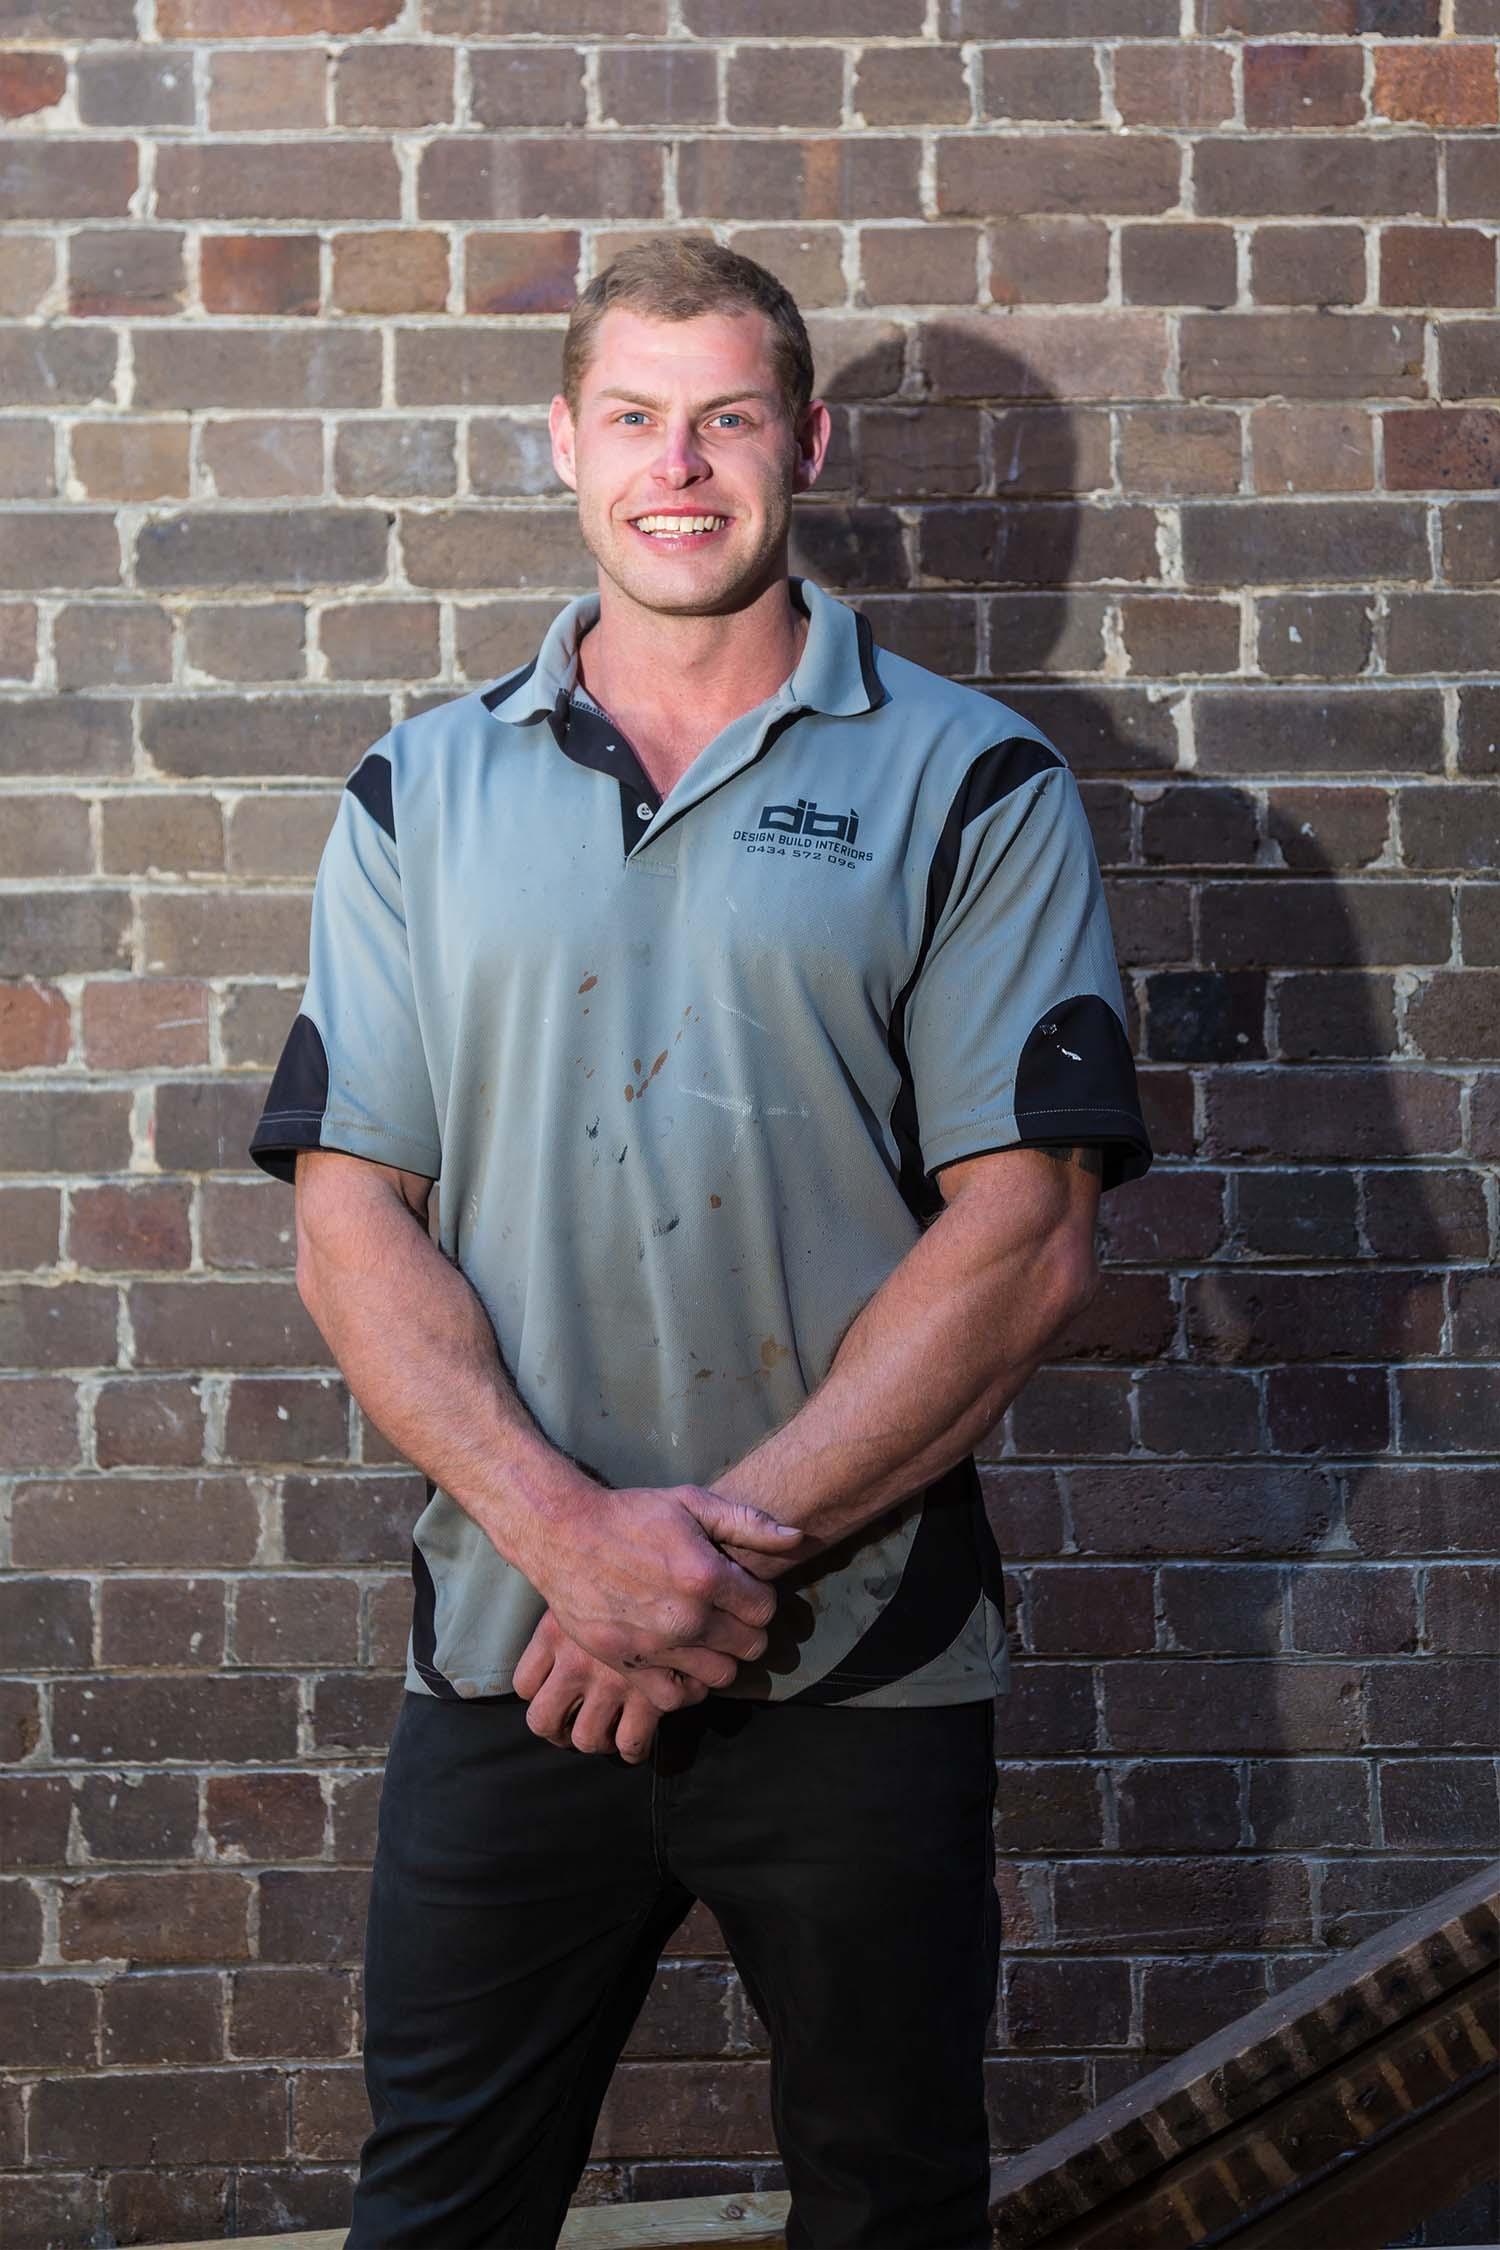 Brady Cullen